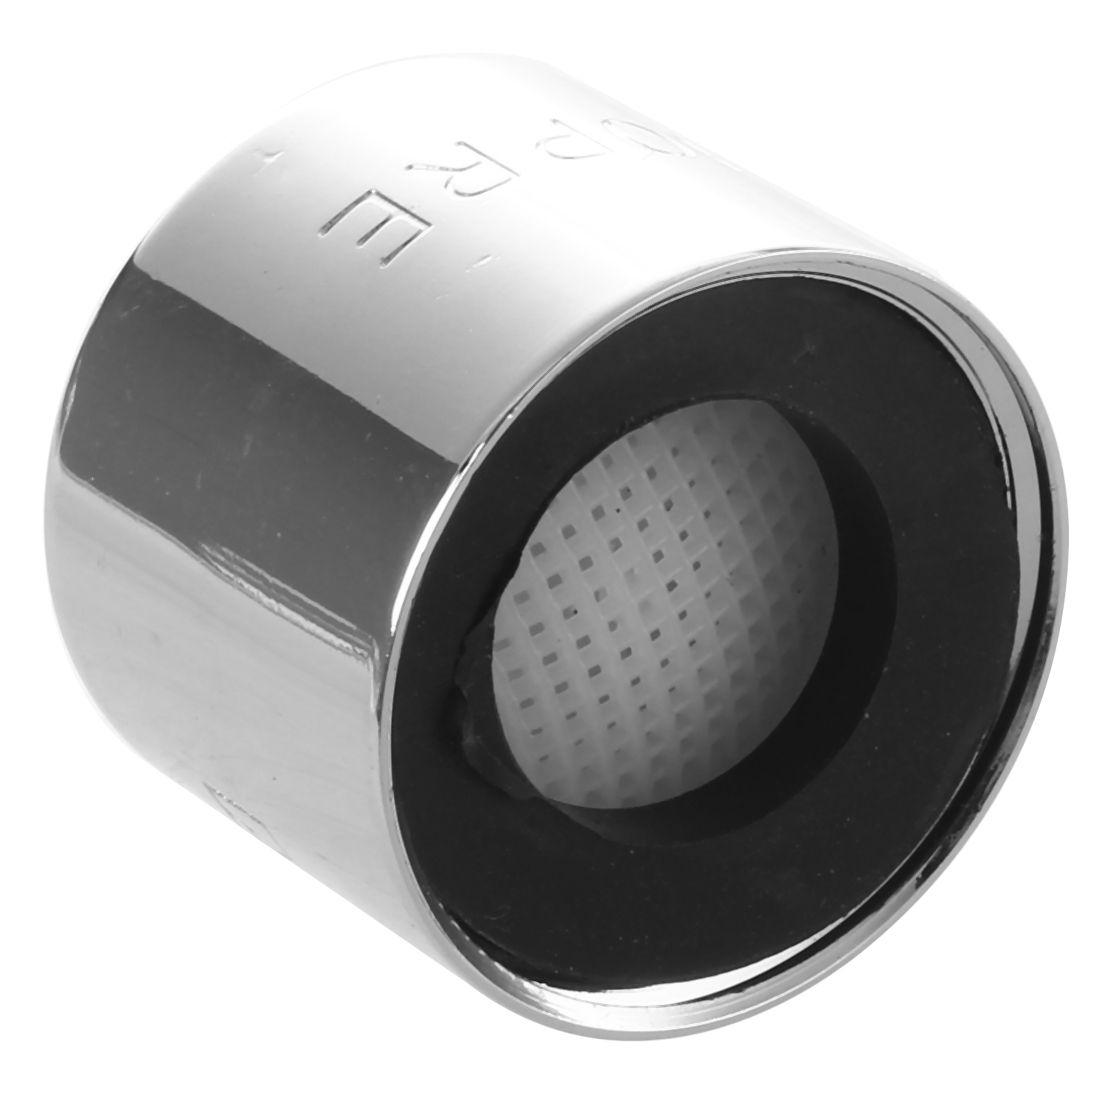 filtre eau passoire de robinet tartre accessoire pour cuisine salle de bain y3 ebay. Black Bedroom Furniture Sets. Home Design Ideas